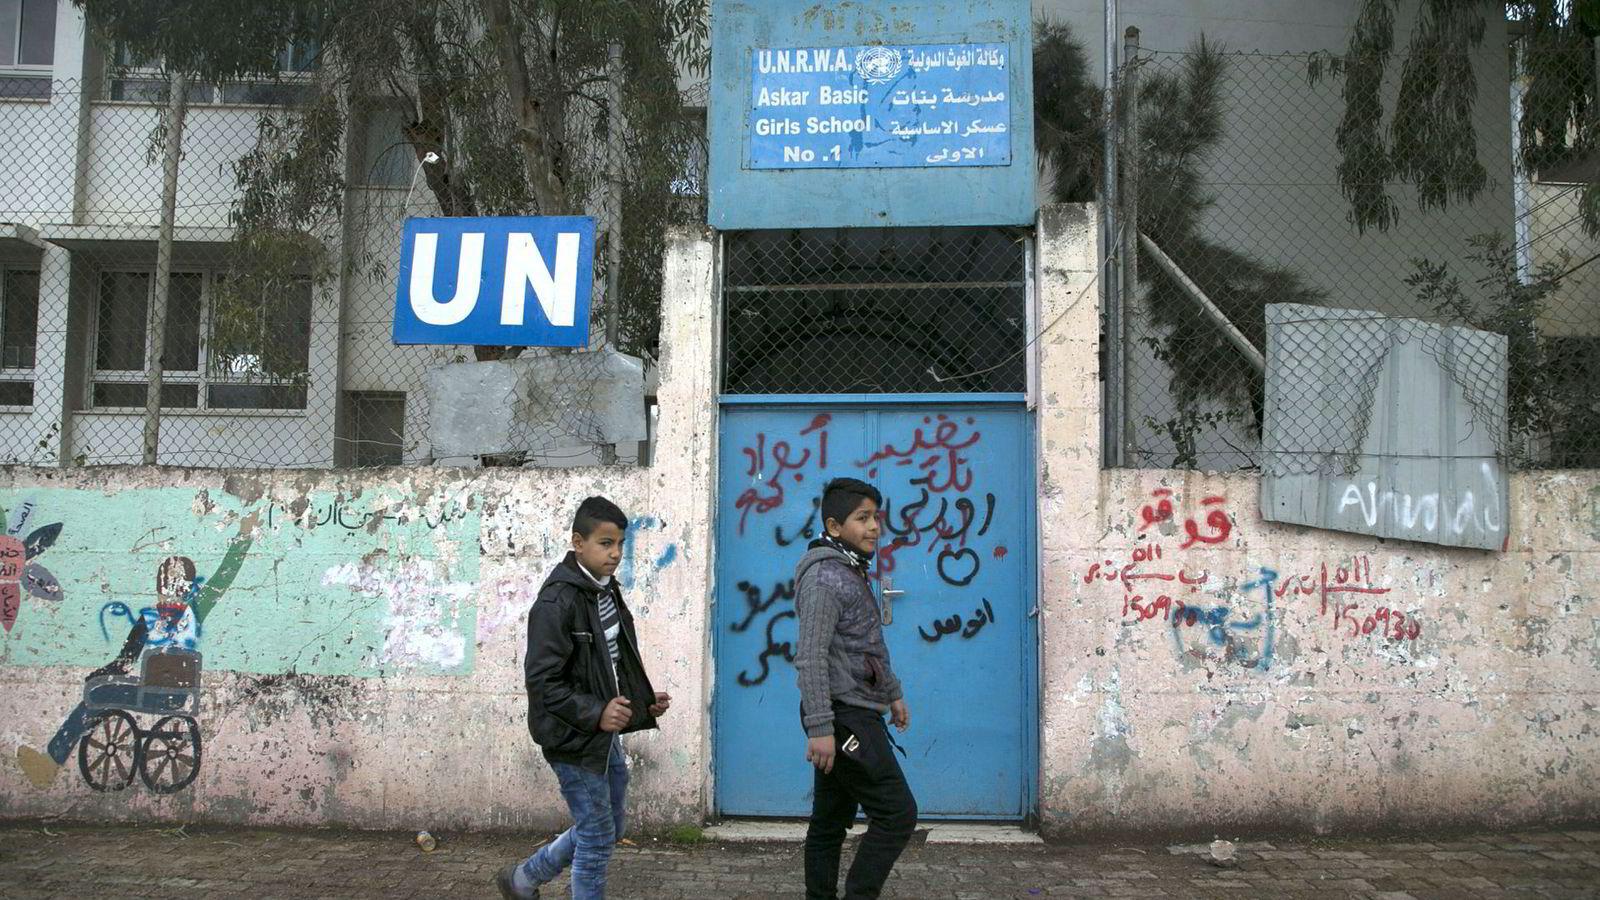 Israel og FN har hatt et komplisert forhold i 70 år, skriver artikkelforfatteren. I Askar-flyktningleieren på Vestbredden driver FN en skole for palestinske flyktninger.